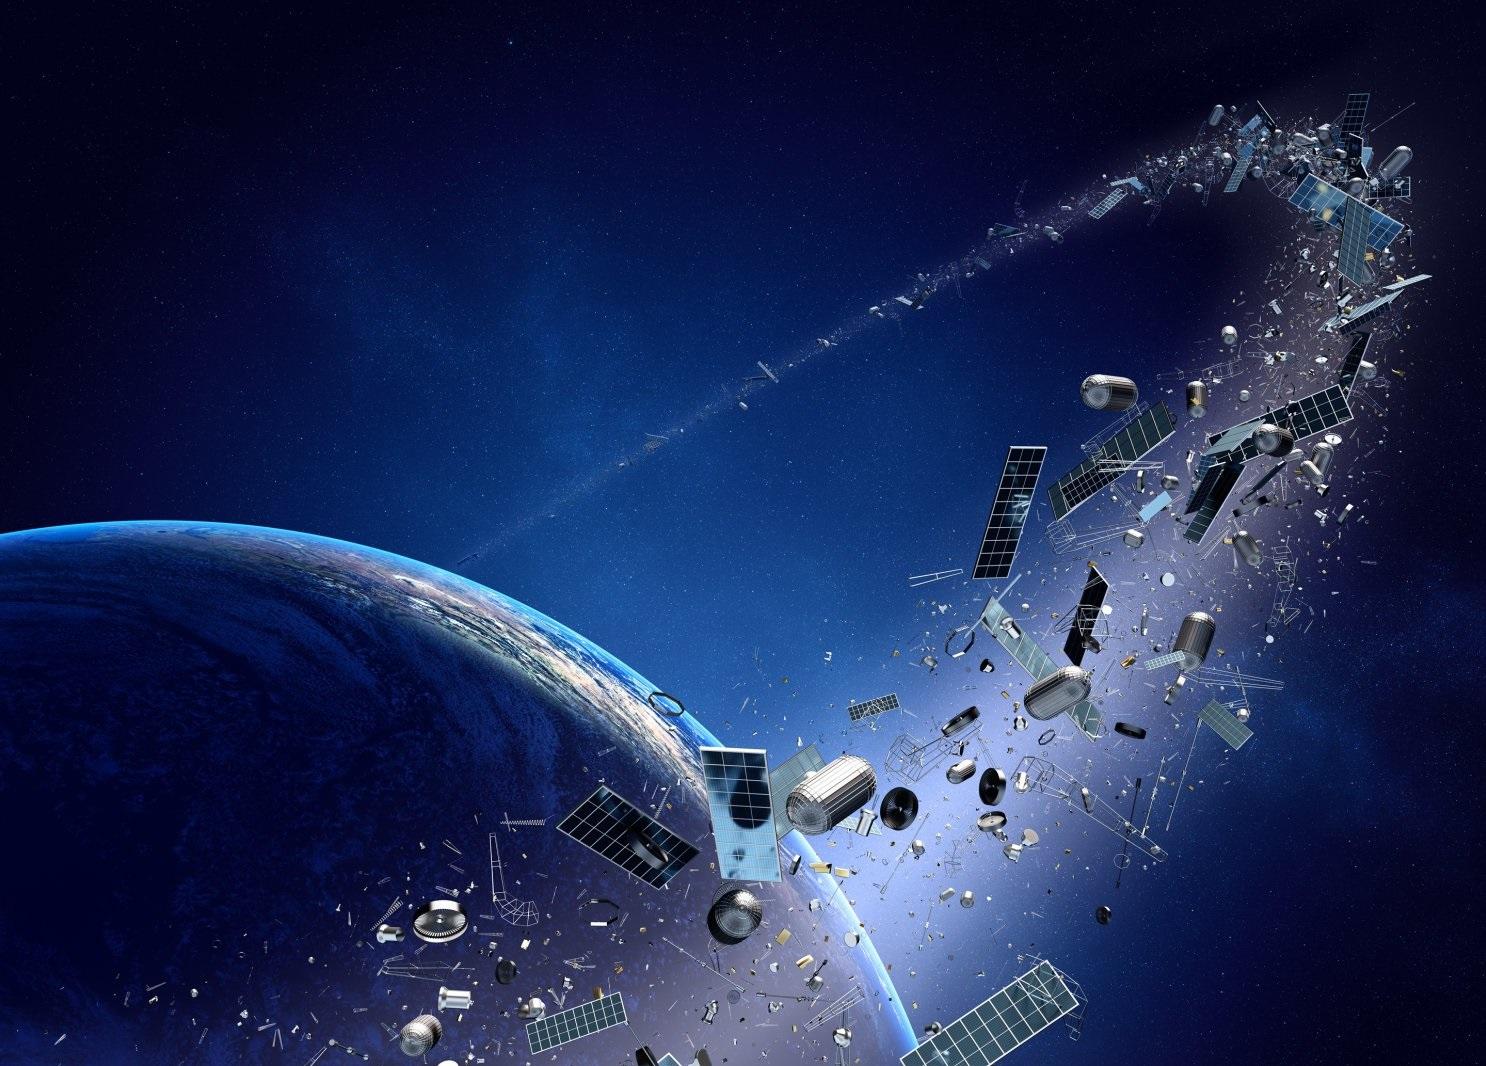 02_kosmycheskyj-musor Загроза з космосу: людство готується до атаки астероїдів та думає, що робити з космічним сміттям